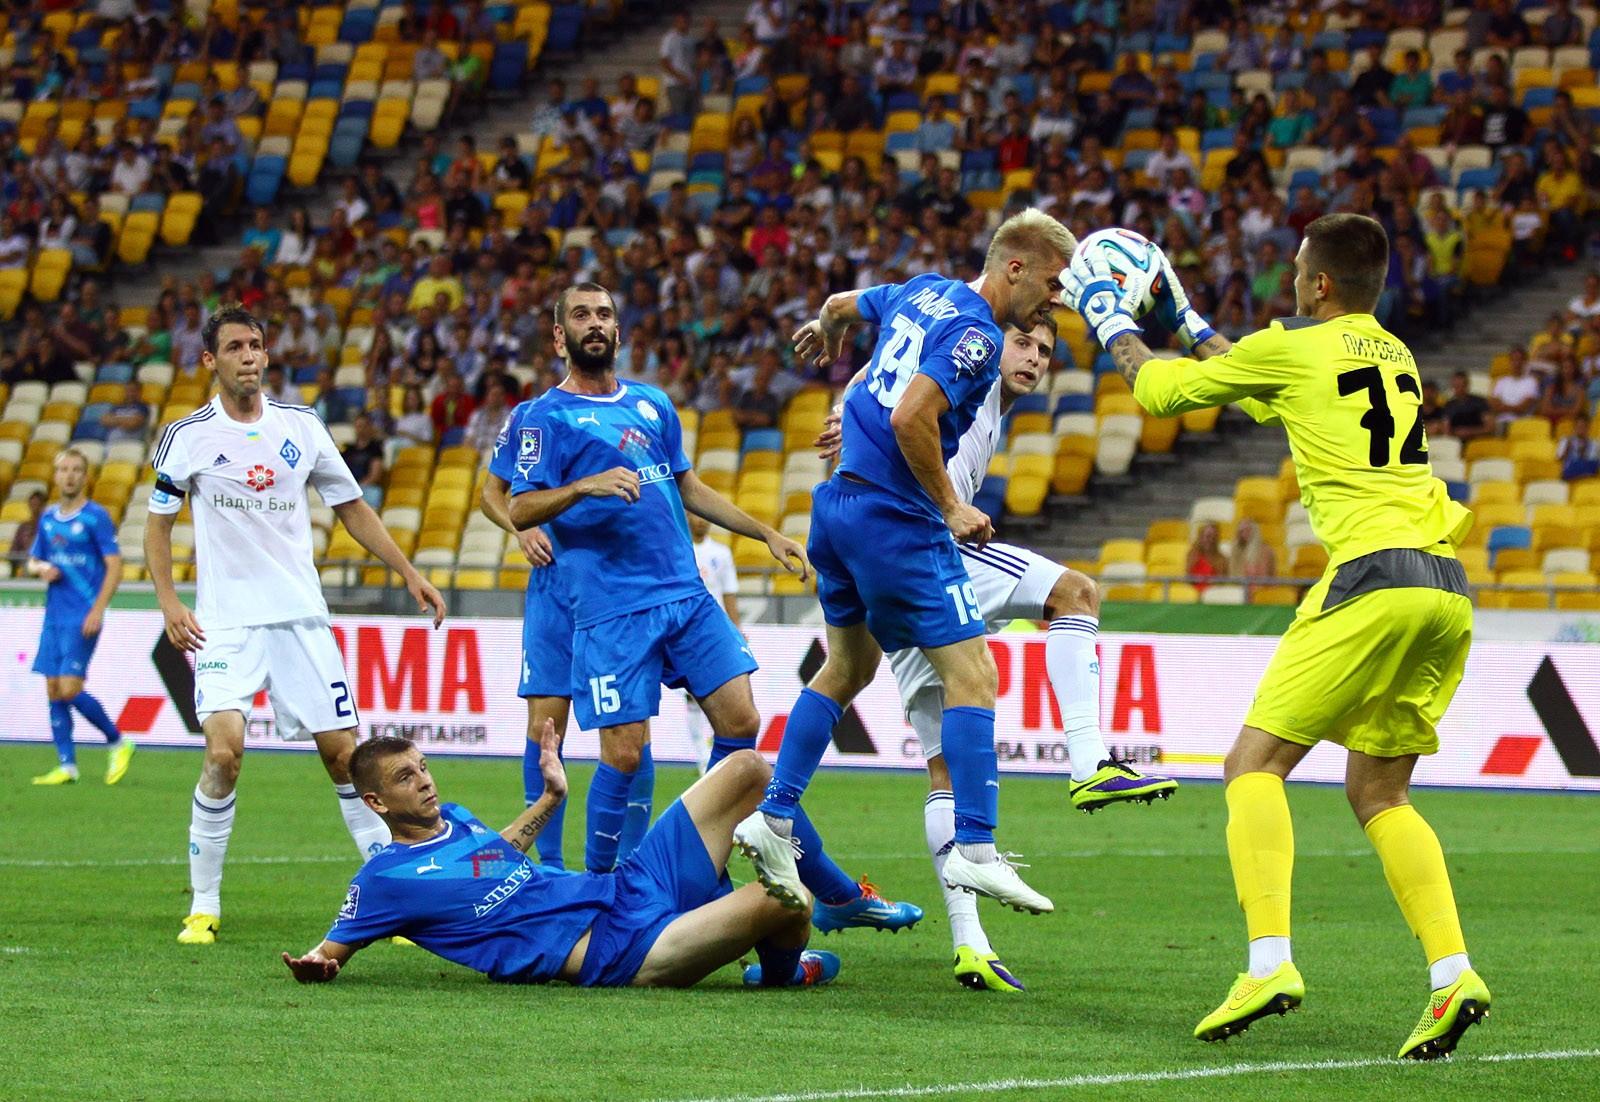 Александр Головко: Поигре уОлимпика было недостаточно шансов взять очки